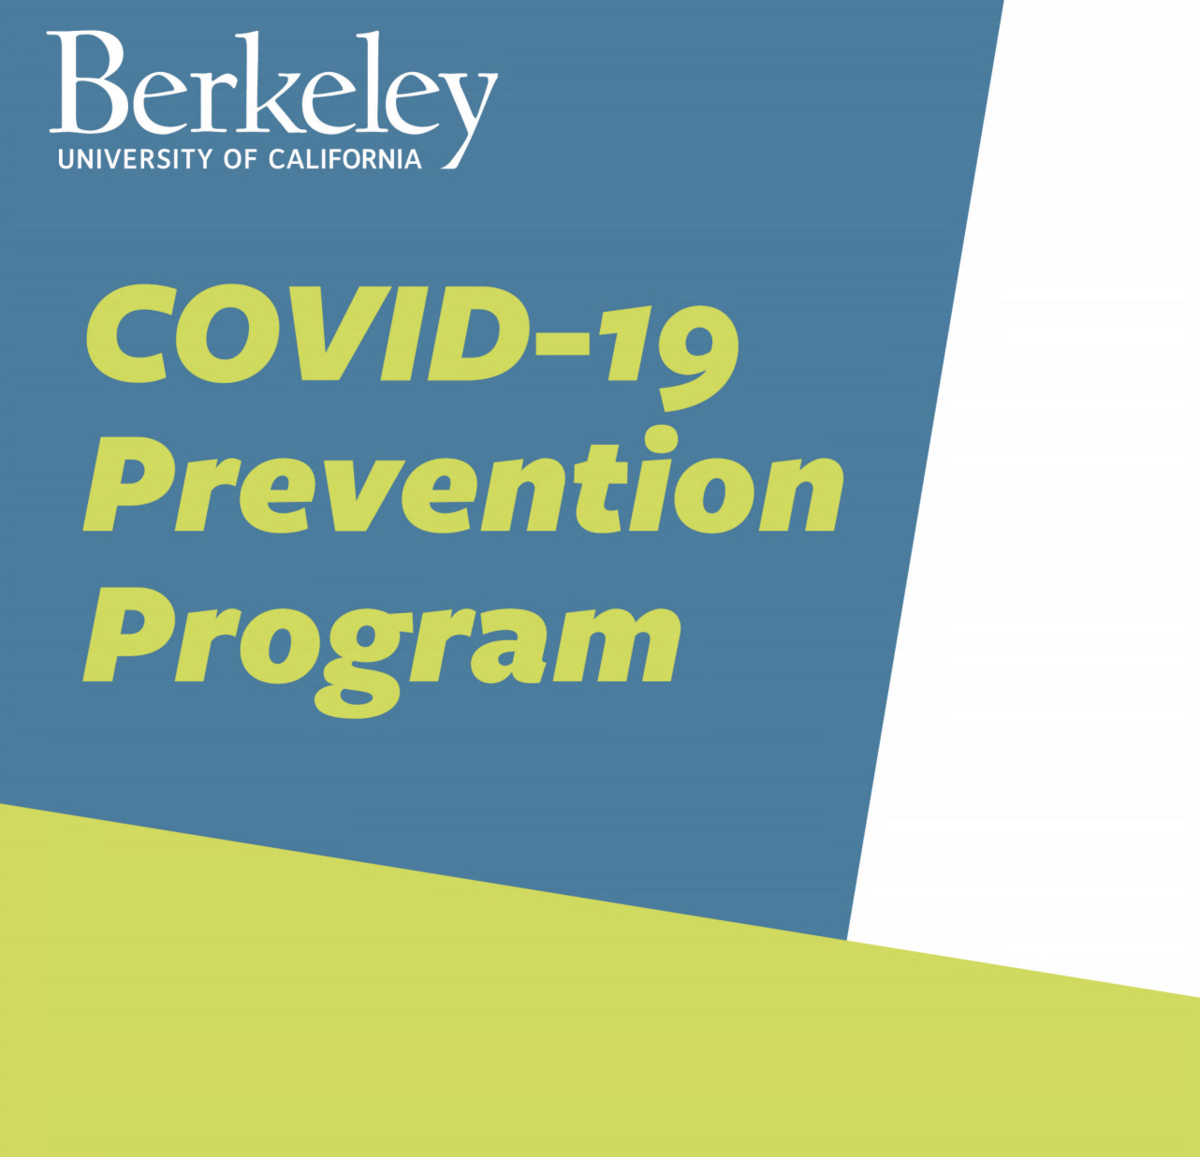 COVID-19 Prevention Program